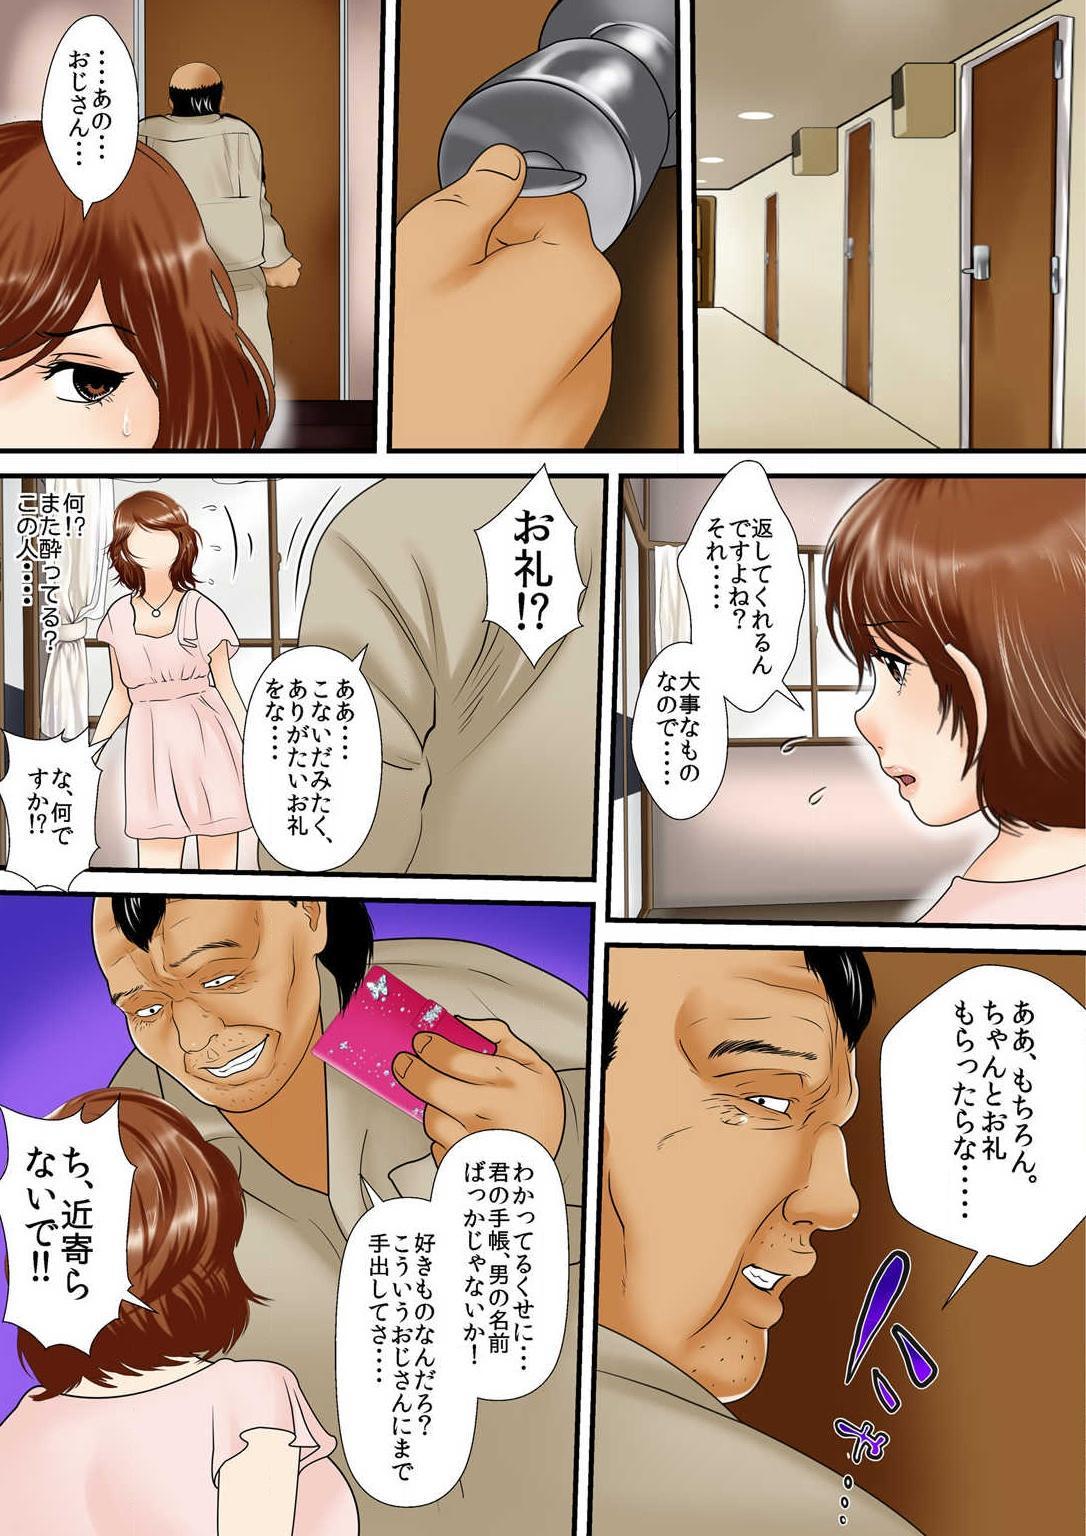 Zetsurin Oyaji ga Joshiryou de ~Sonna ni Dashitara Ninshin shichau!! 1 69